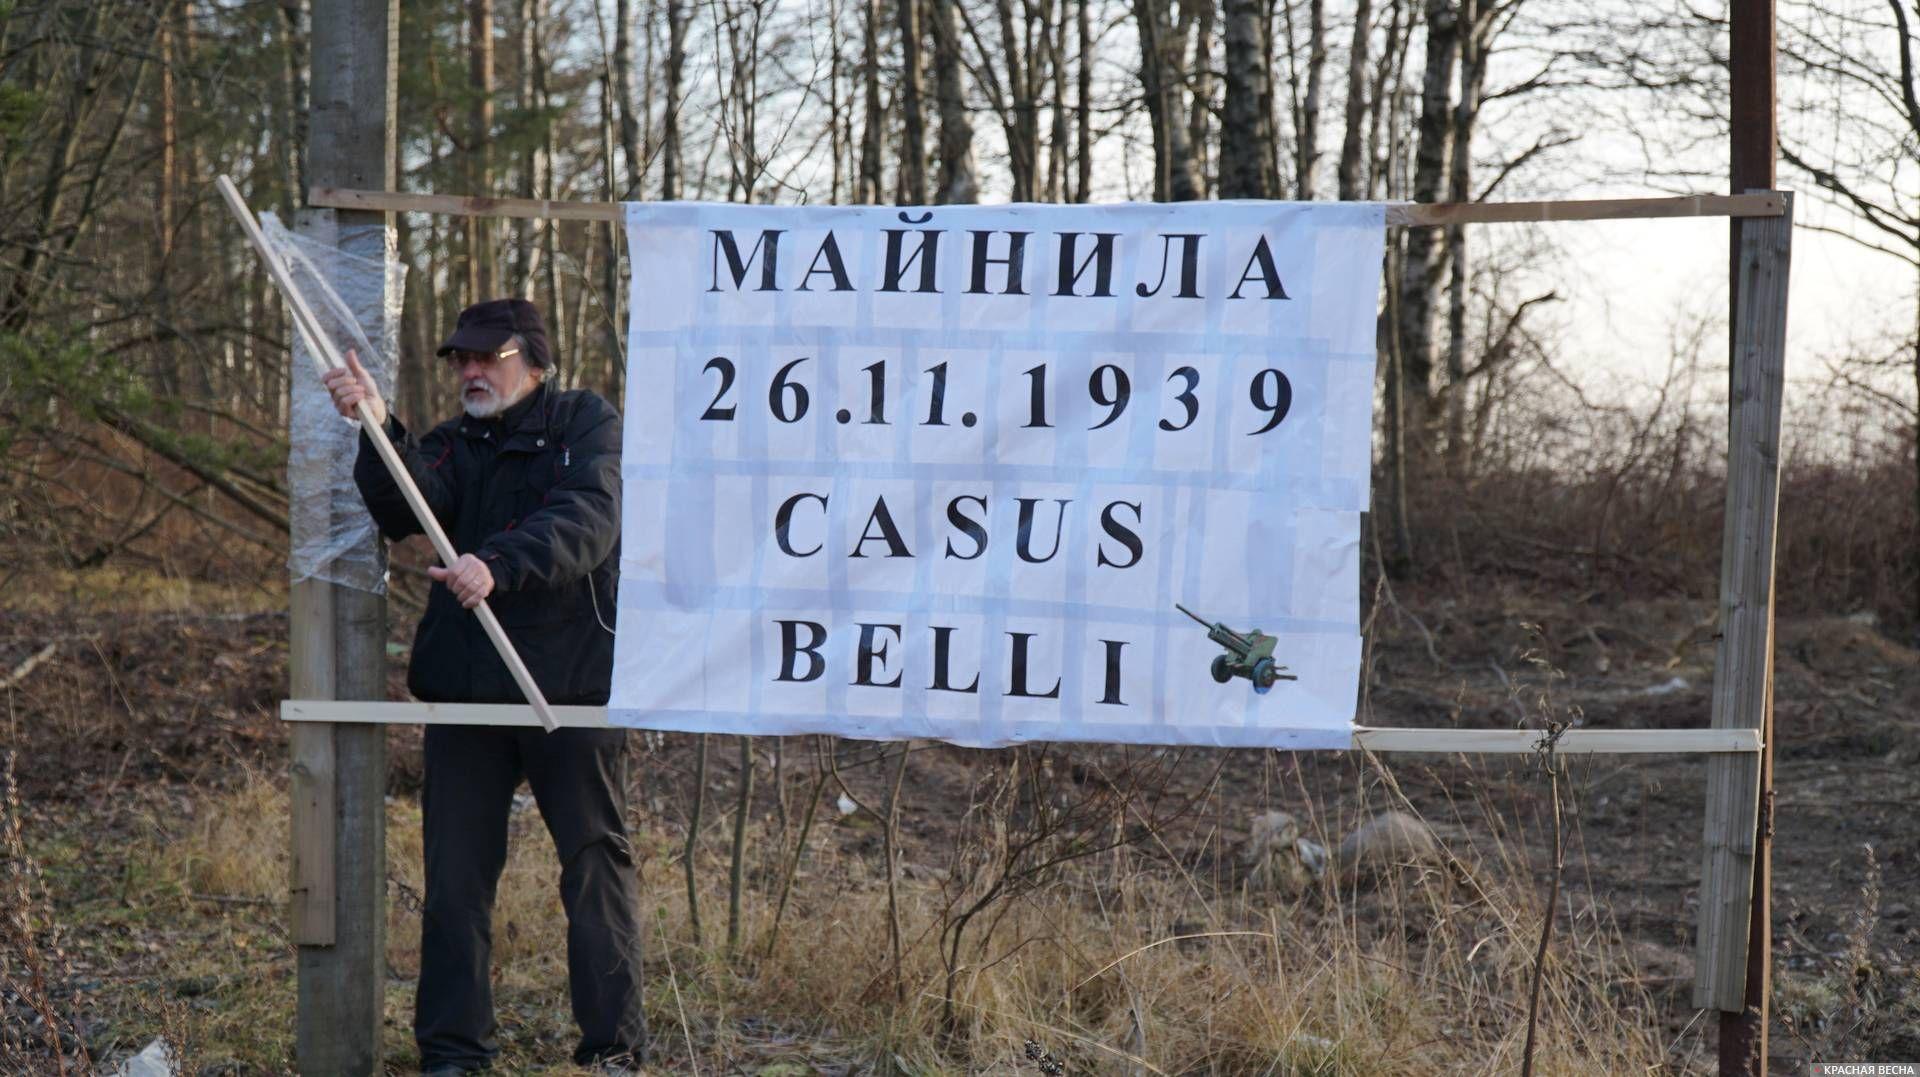 Историк Евгений Балашов монтирует баннер возле Выборгского шоссе. Ленобласть. Майнило. 23.11.2019